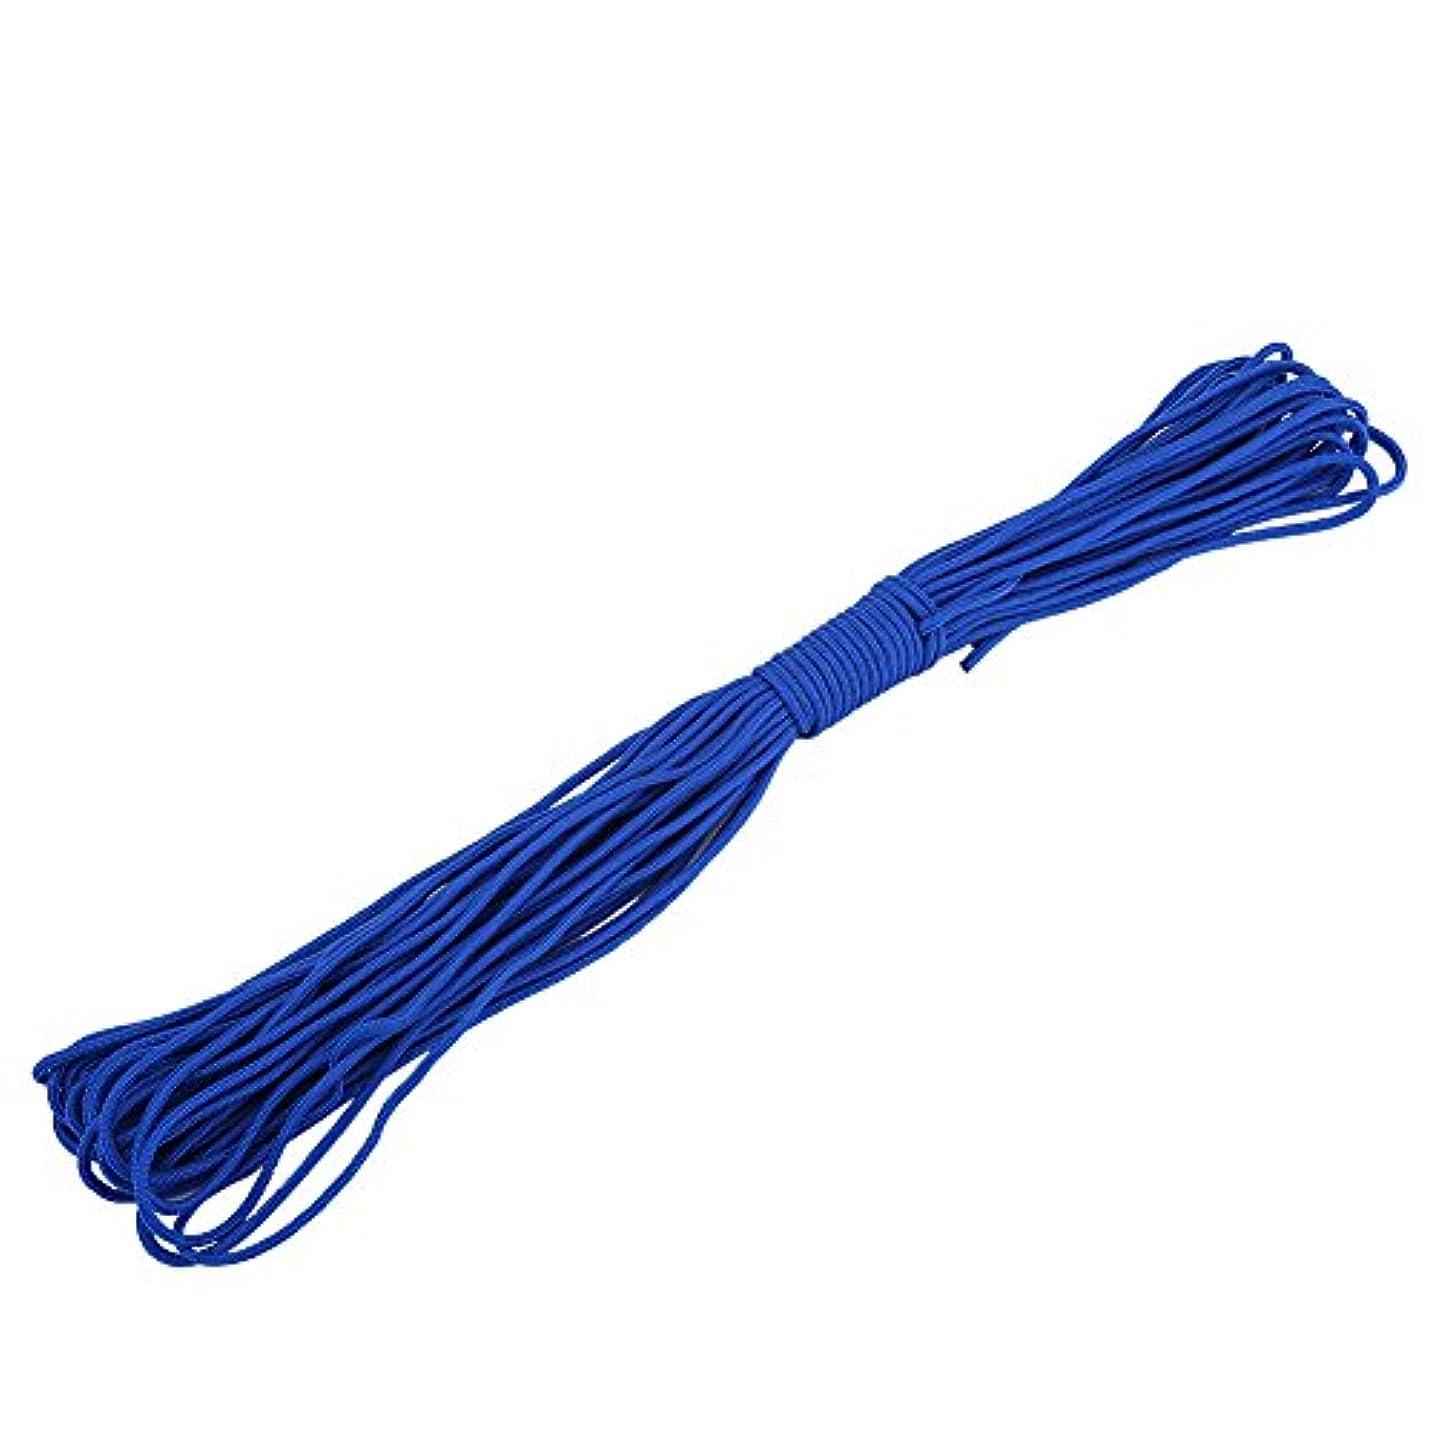 二十バウンス薬理学テント ロープ パラコード ガイロープ 直径2mm キャンプ サバイバル アウトドア